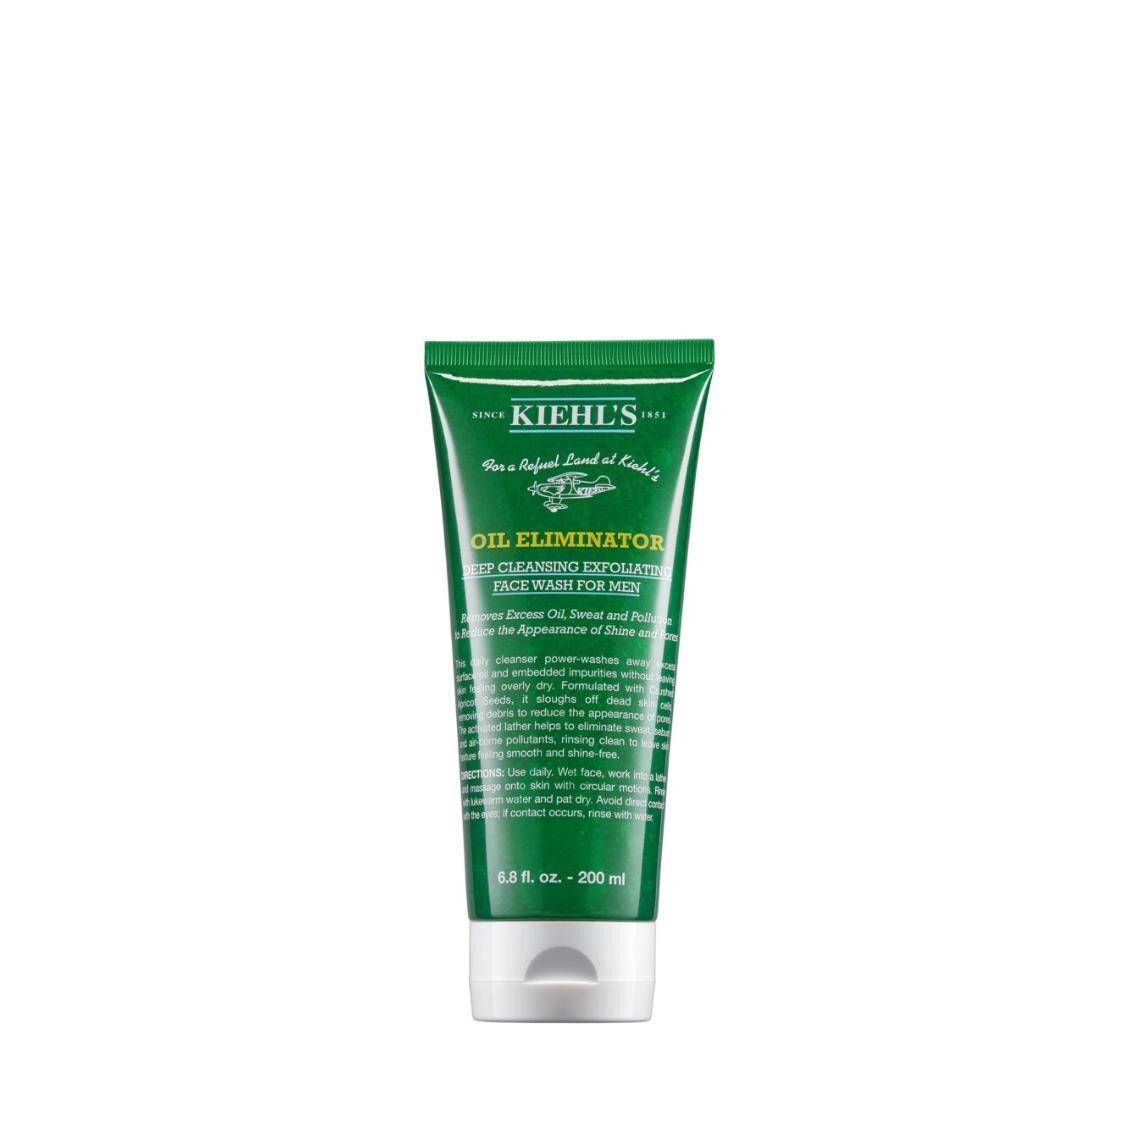 Kiehls Since 1851 Oil Eliminator Deep Cleansing Exfoliating Face Wash for Men 200ml